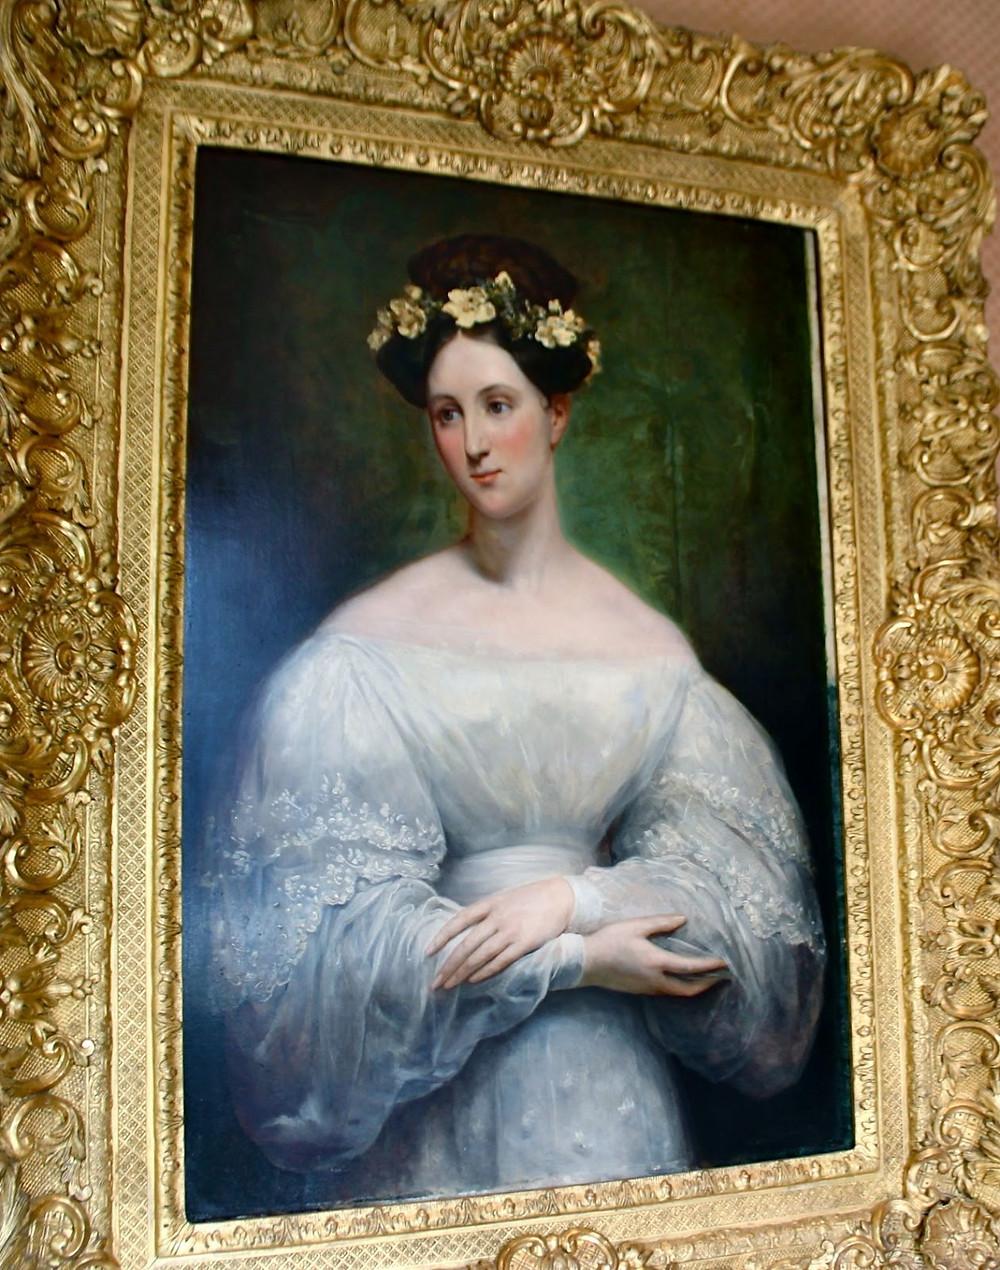 Ary Scheffer, Princess Marie d'Orléans, 1830